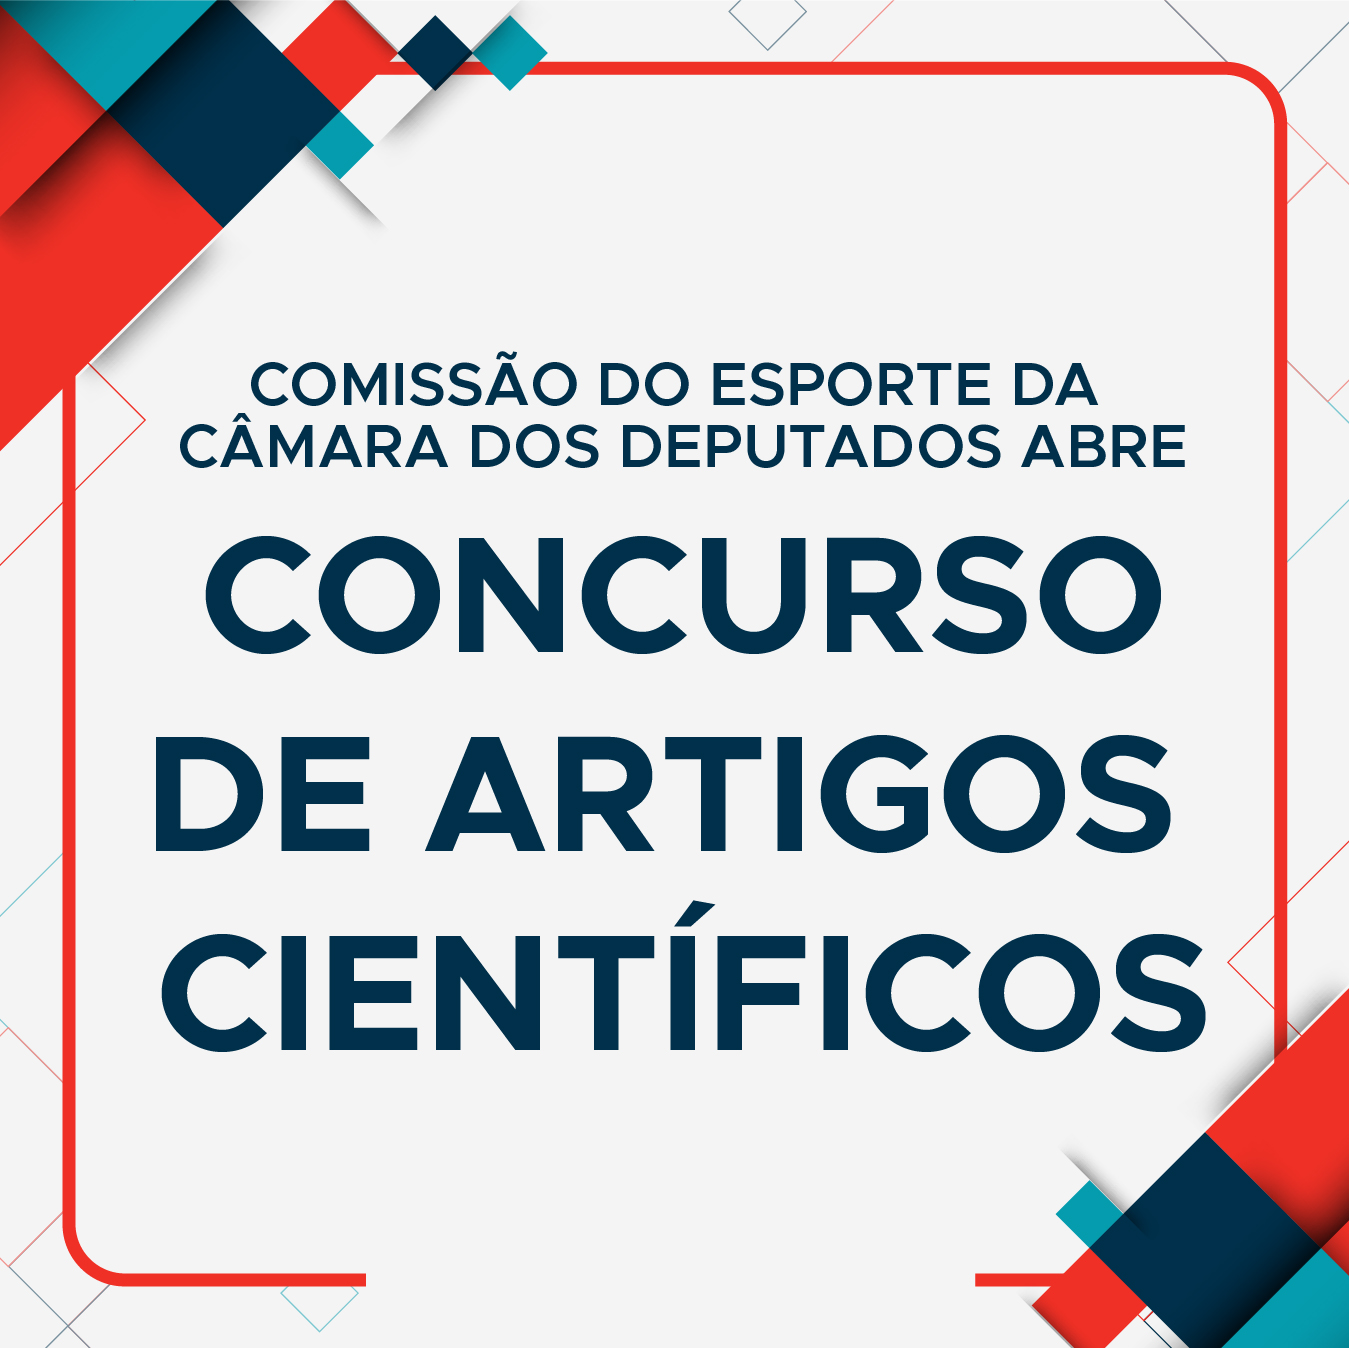 bdd3d2d9b banner-artigos cientificos A Comissão do Esporte da Câmara dos Deputados abre  concurso ...